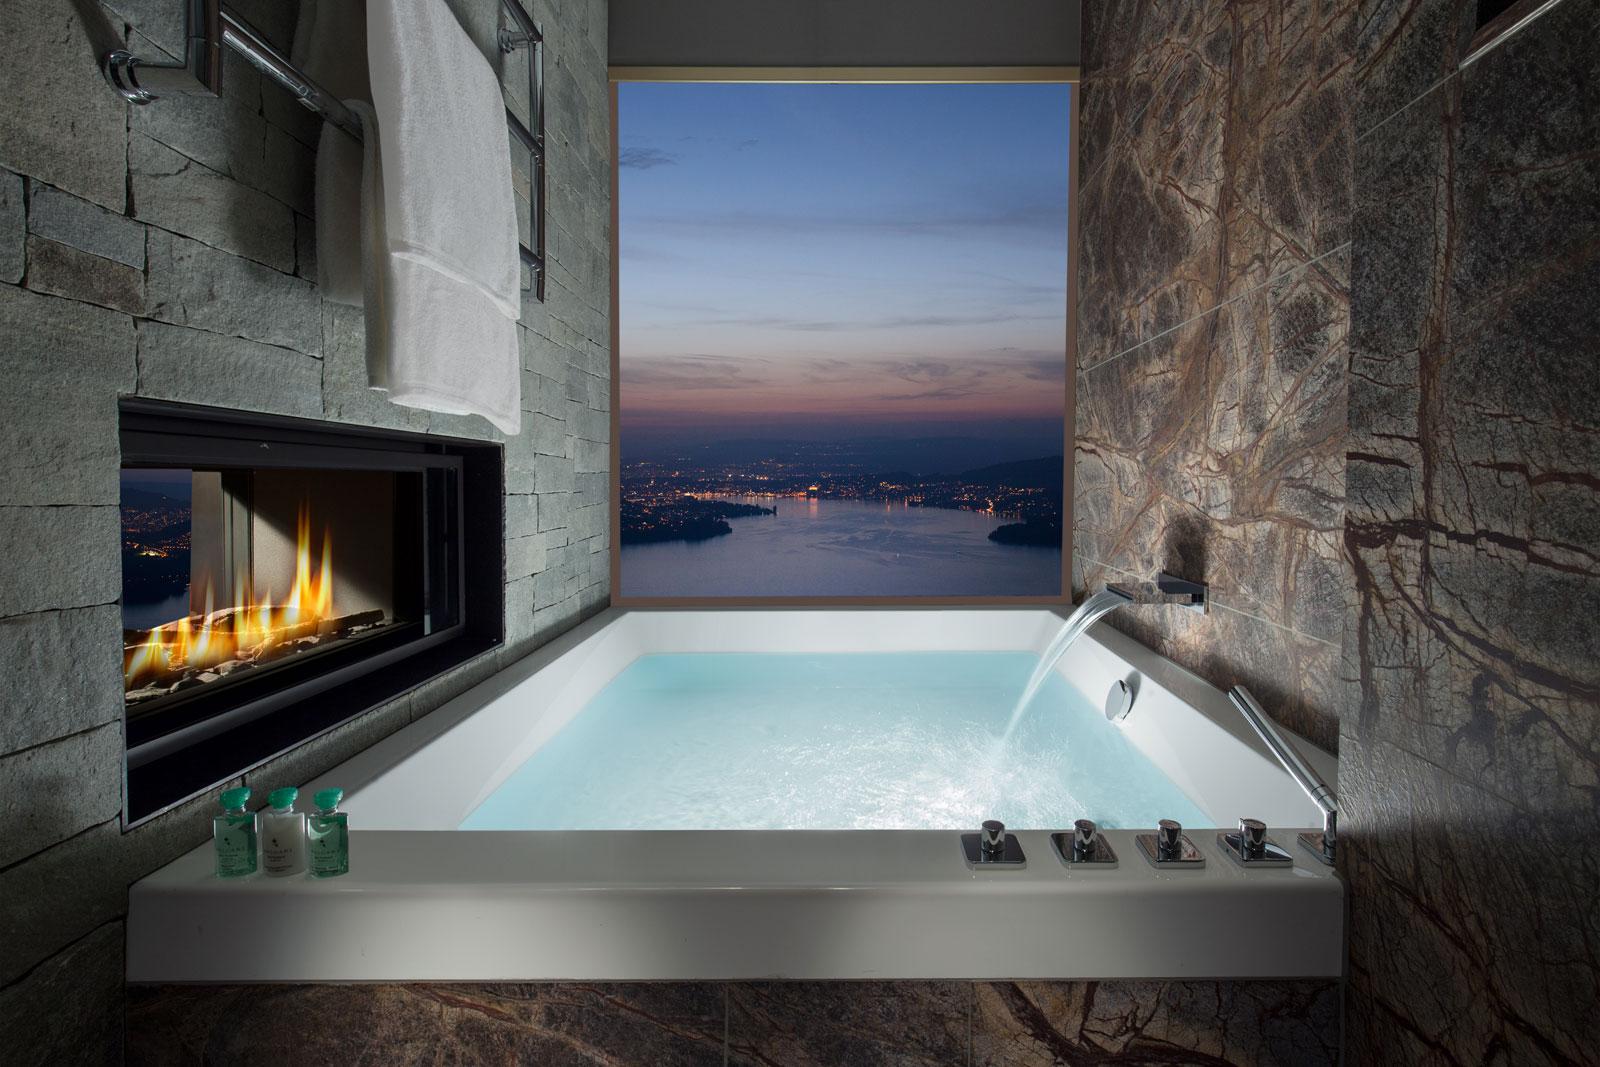 Bürgenstock Hotels & Resort - A Discreet Luxury Mountain Hideaway 11